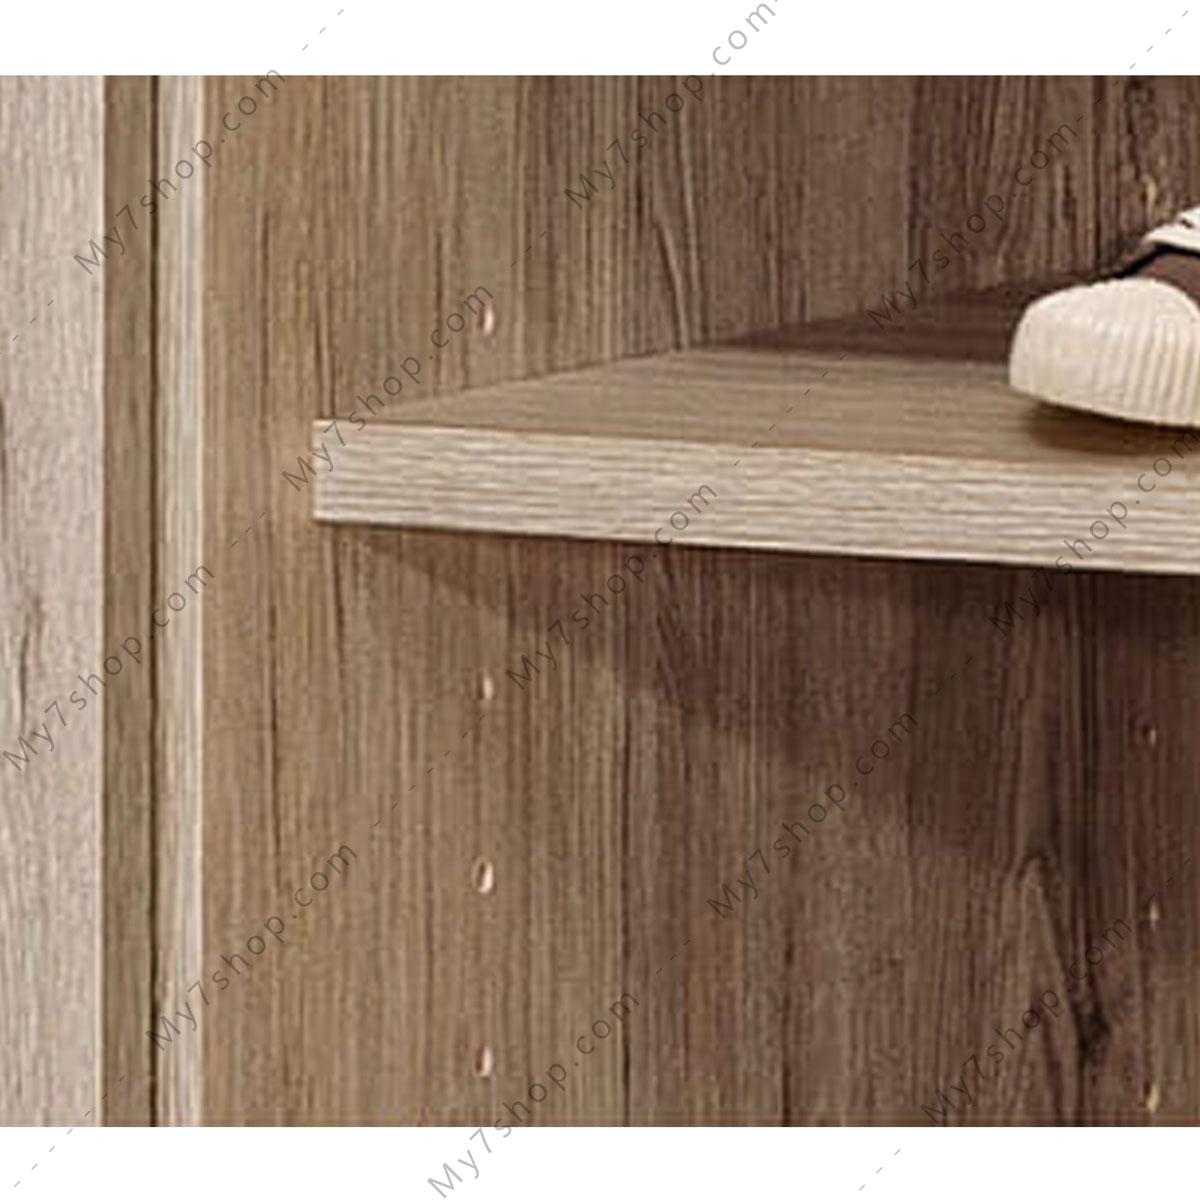 جاکفشی چوبی 9036 (2)